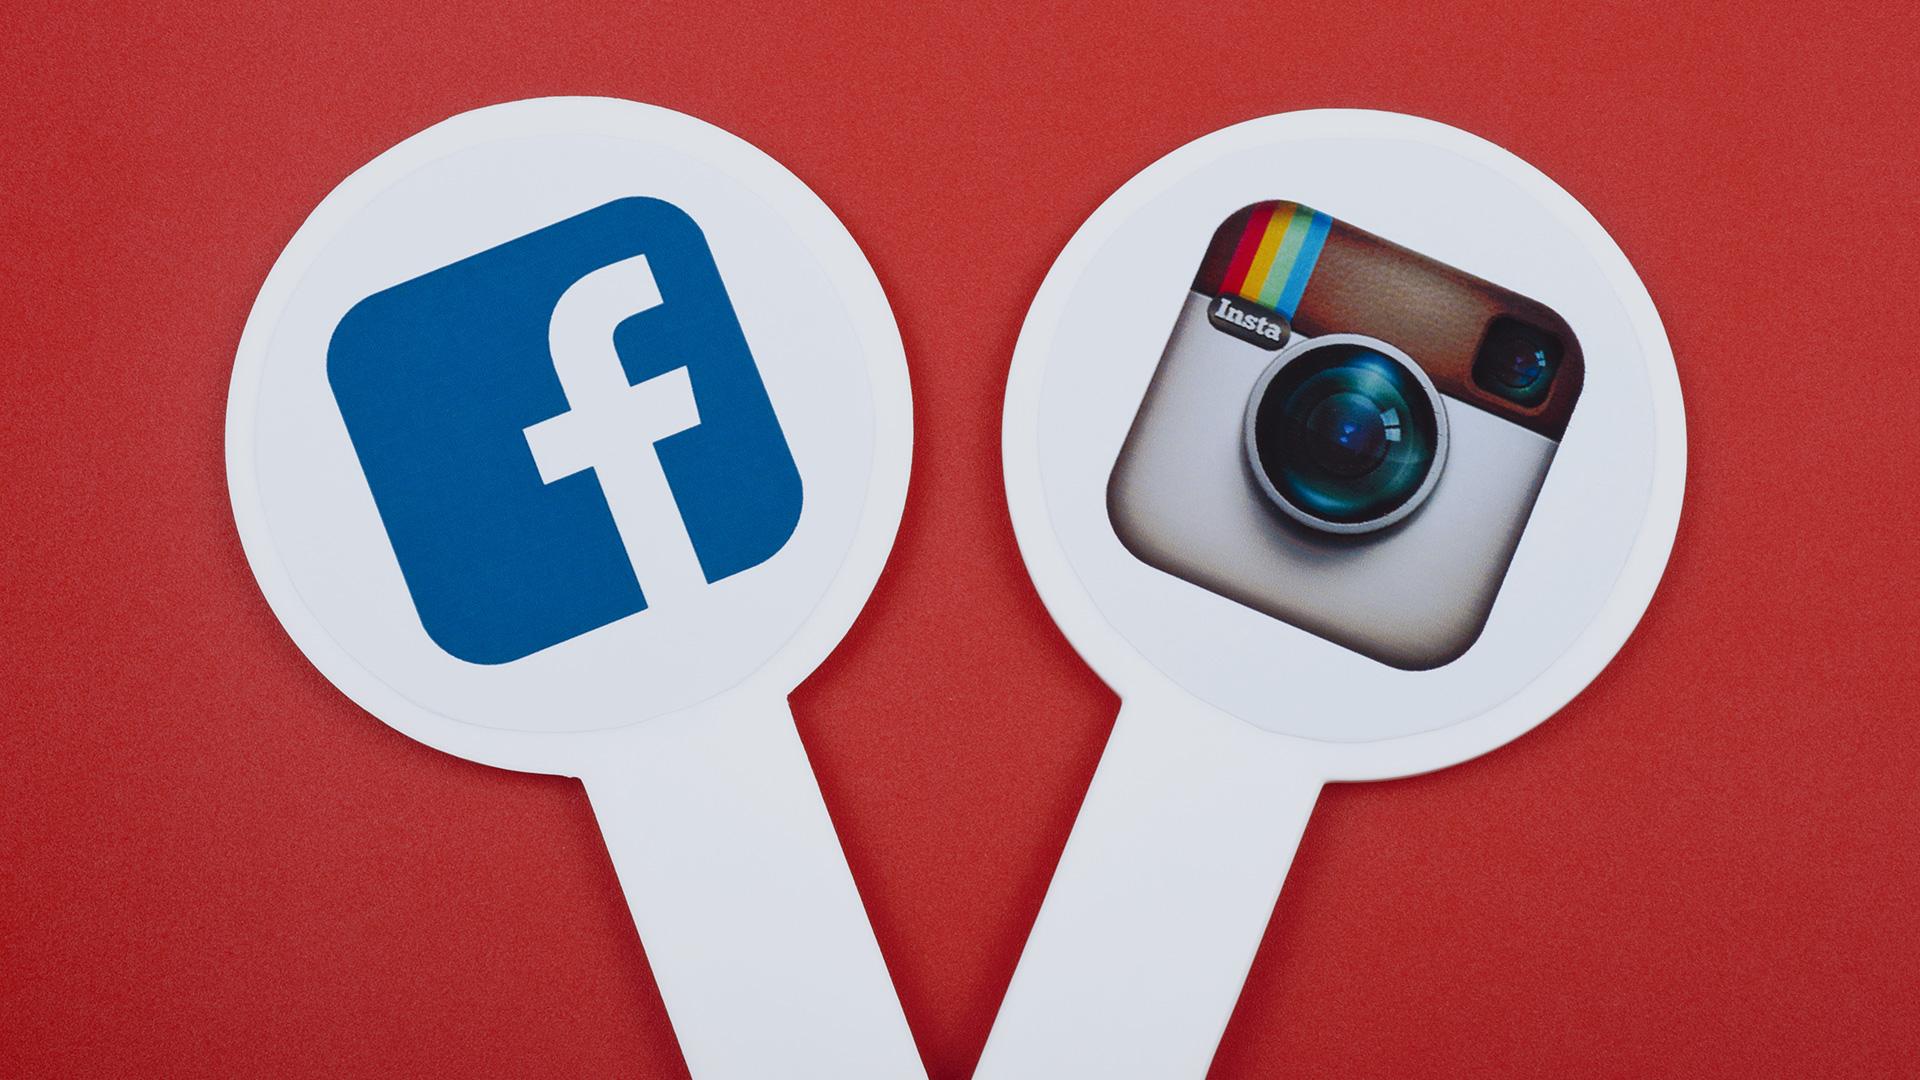 از سیر تا پیاز دیجیتال مارکتینگ – قسمت پنجم : بازاریابی در اینستاگرام